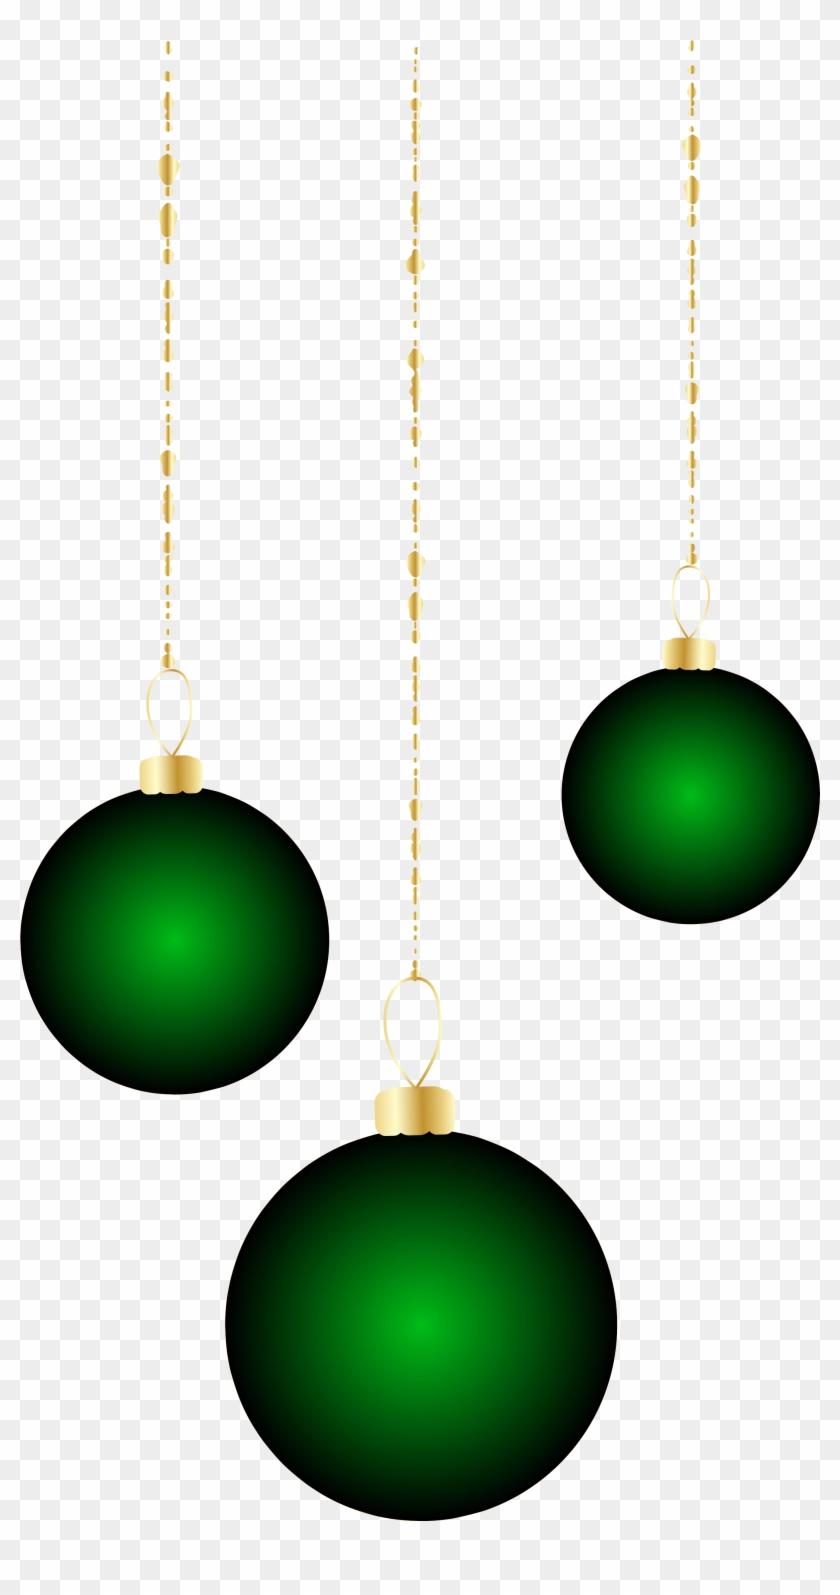 Transparent Christmas Green Ornaments Png Clipart - Clip Art #32896